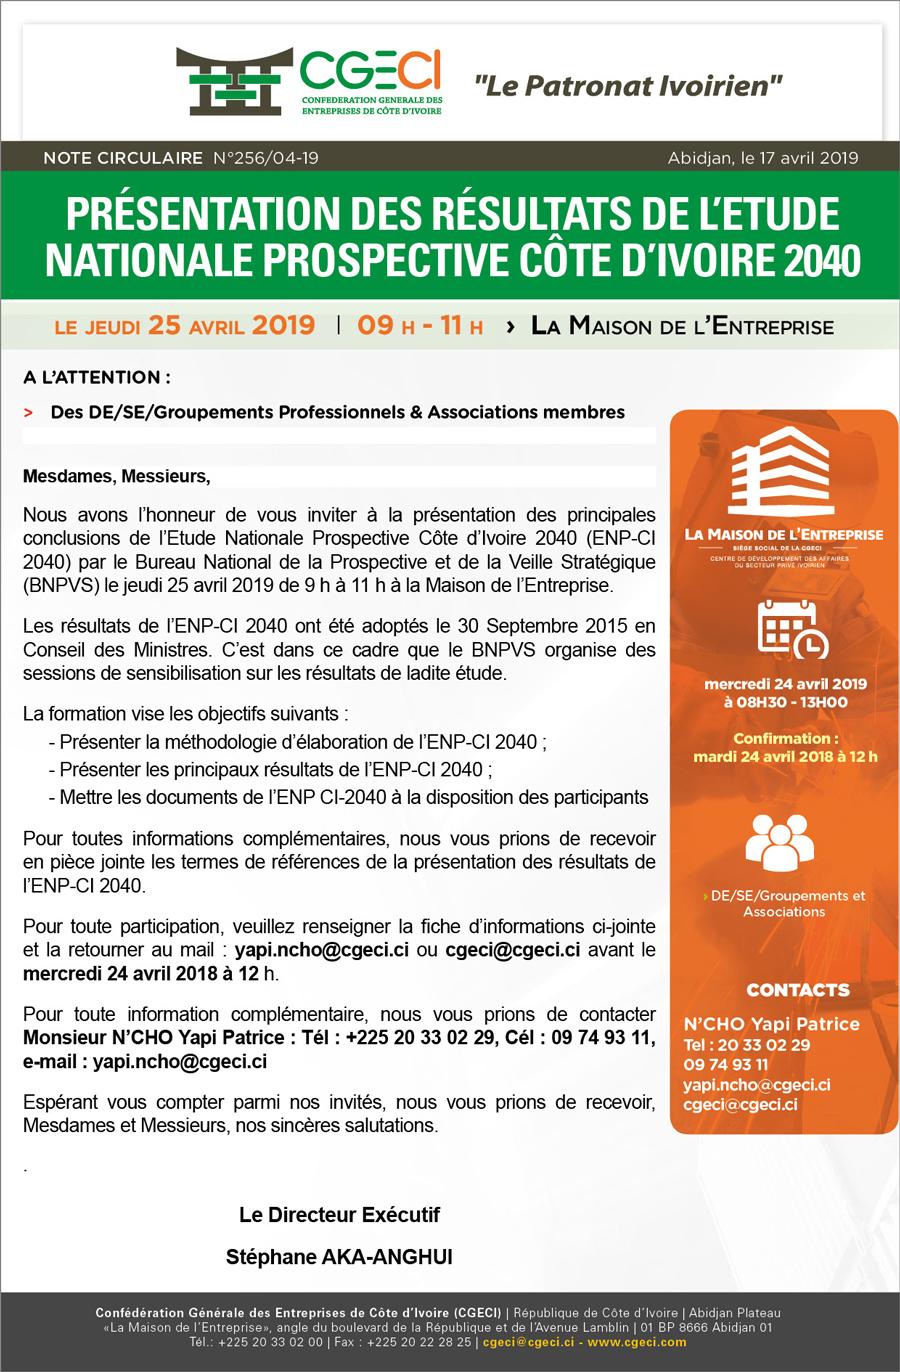 Présentation des Résultats de l'Etude Nationale Prospective Côte d'Ivoire 2040